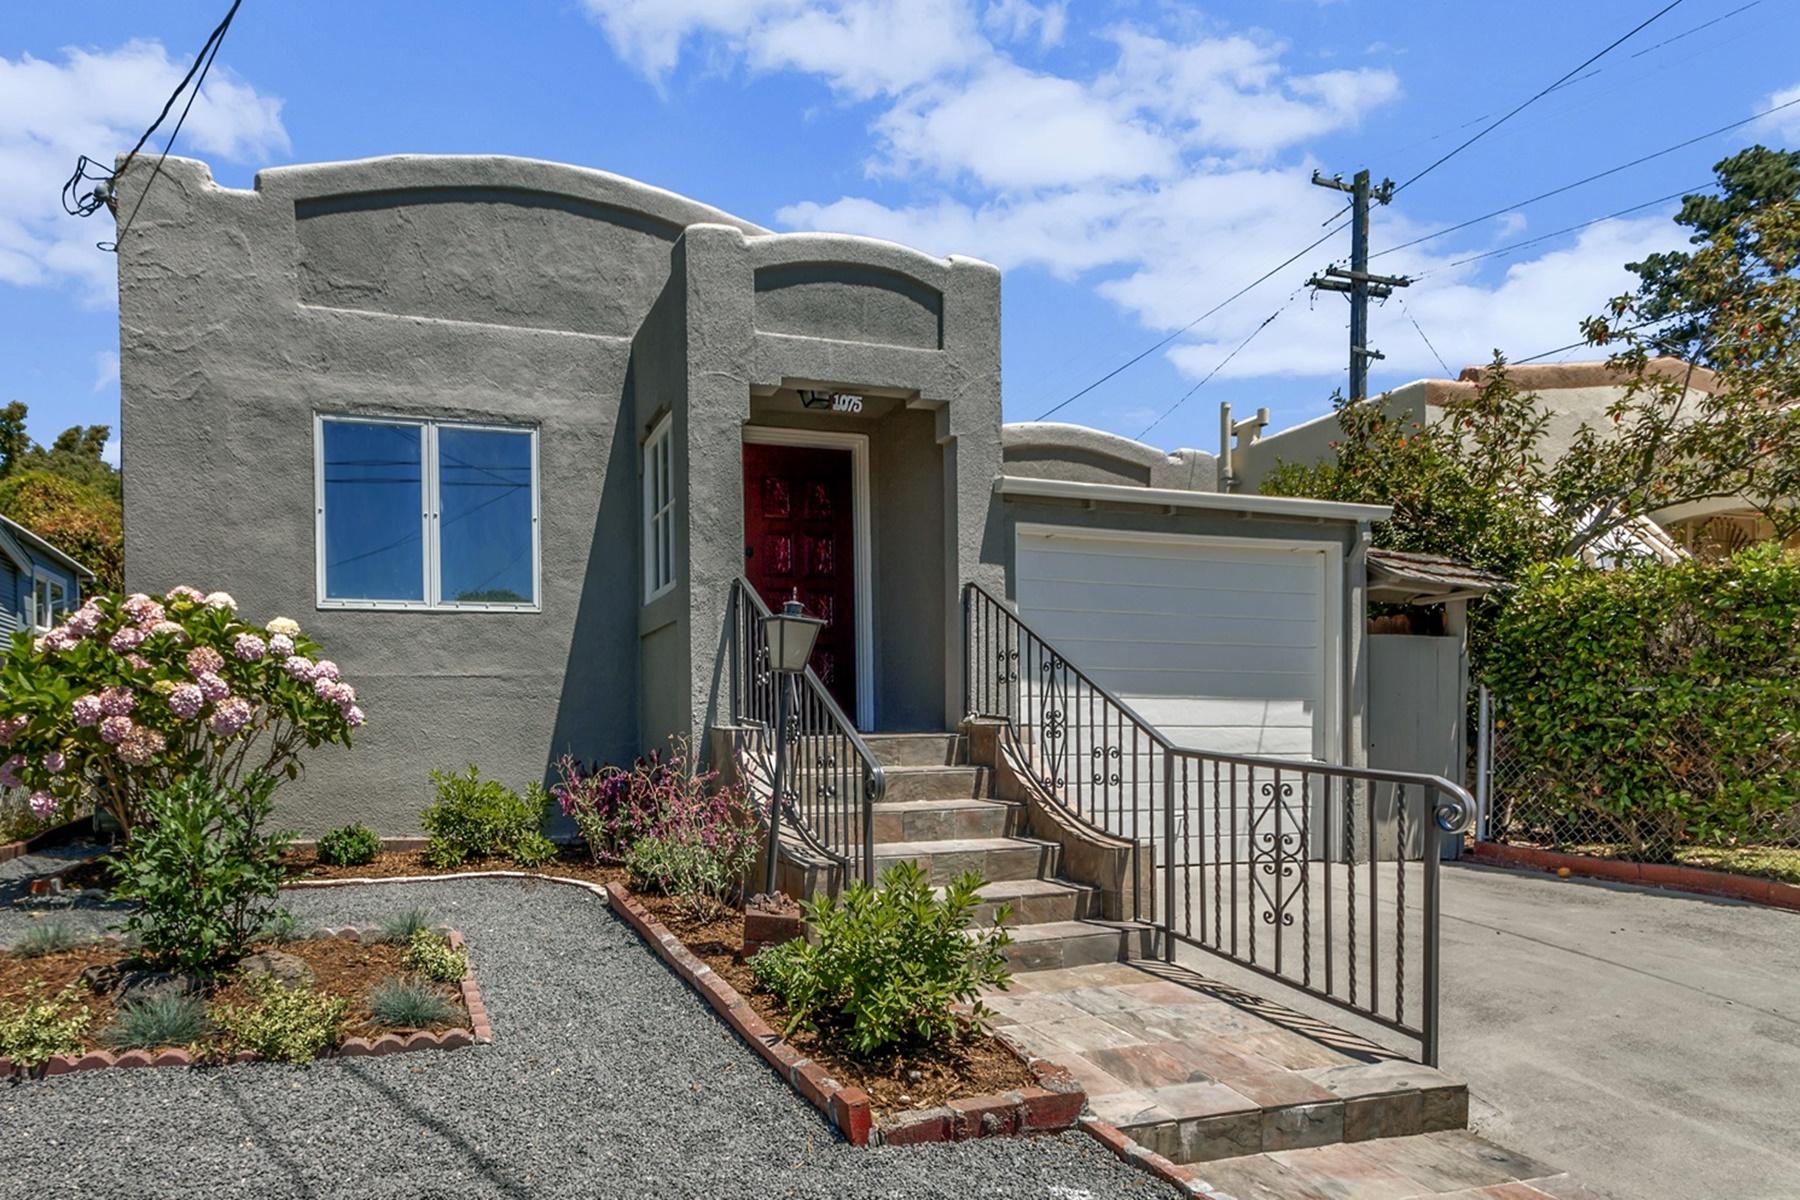 Maison unifamiliale pour l Vente à Beautiful And Spacious Bungalow 1075 Stannage Avenue Albany, Californie 94706 États-Unis